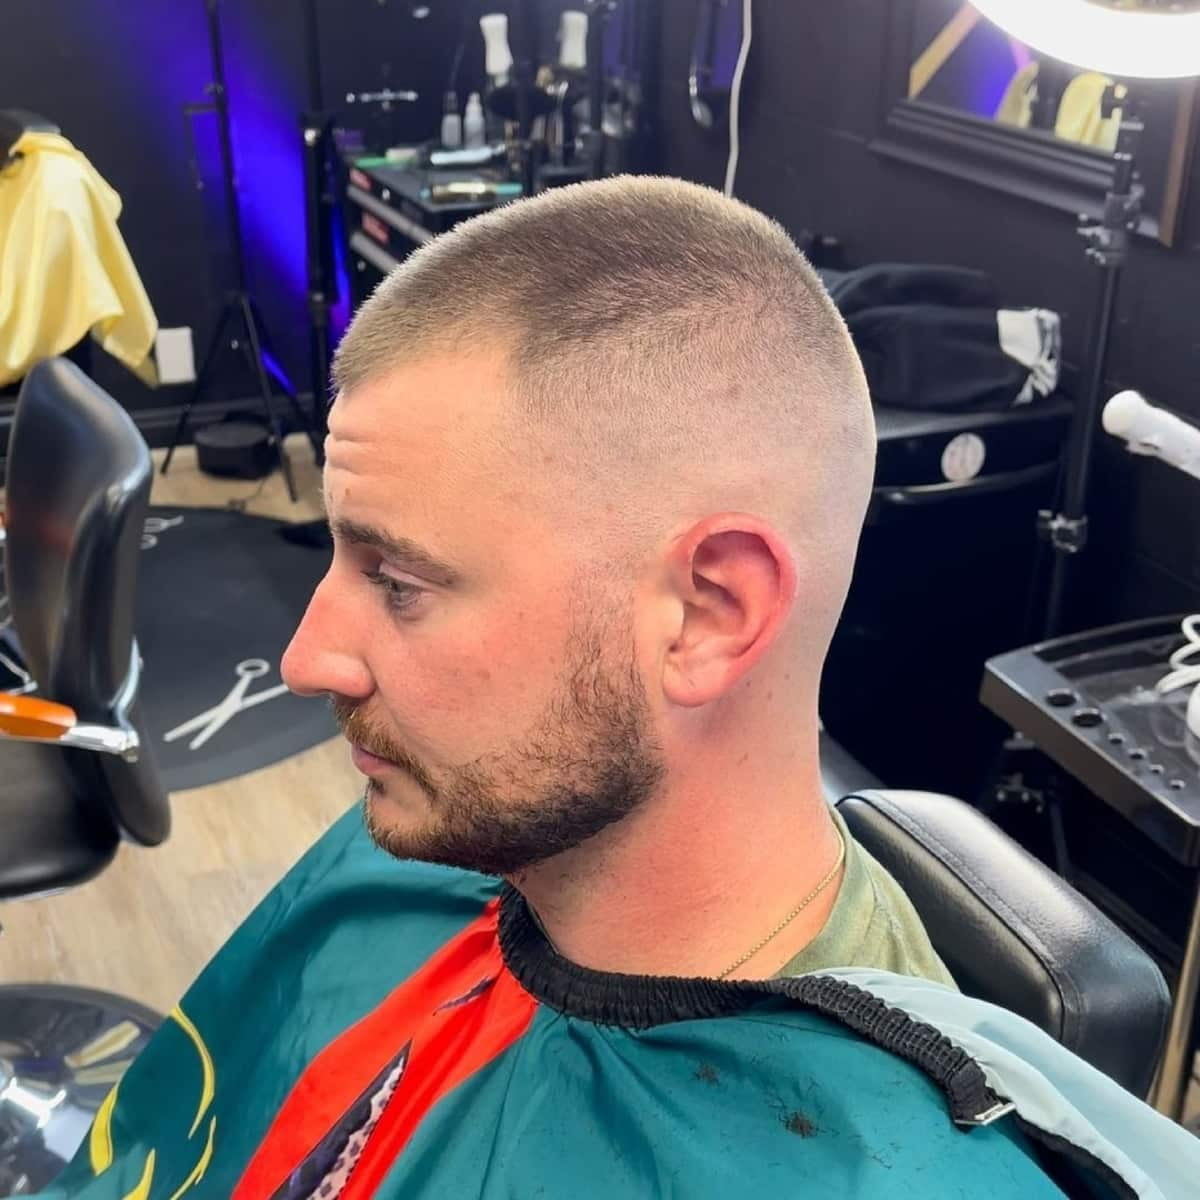 Corte de pelo corto para cabello en retroceso o cabello fino